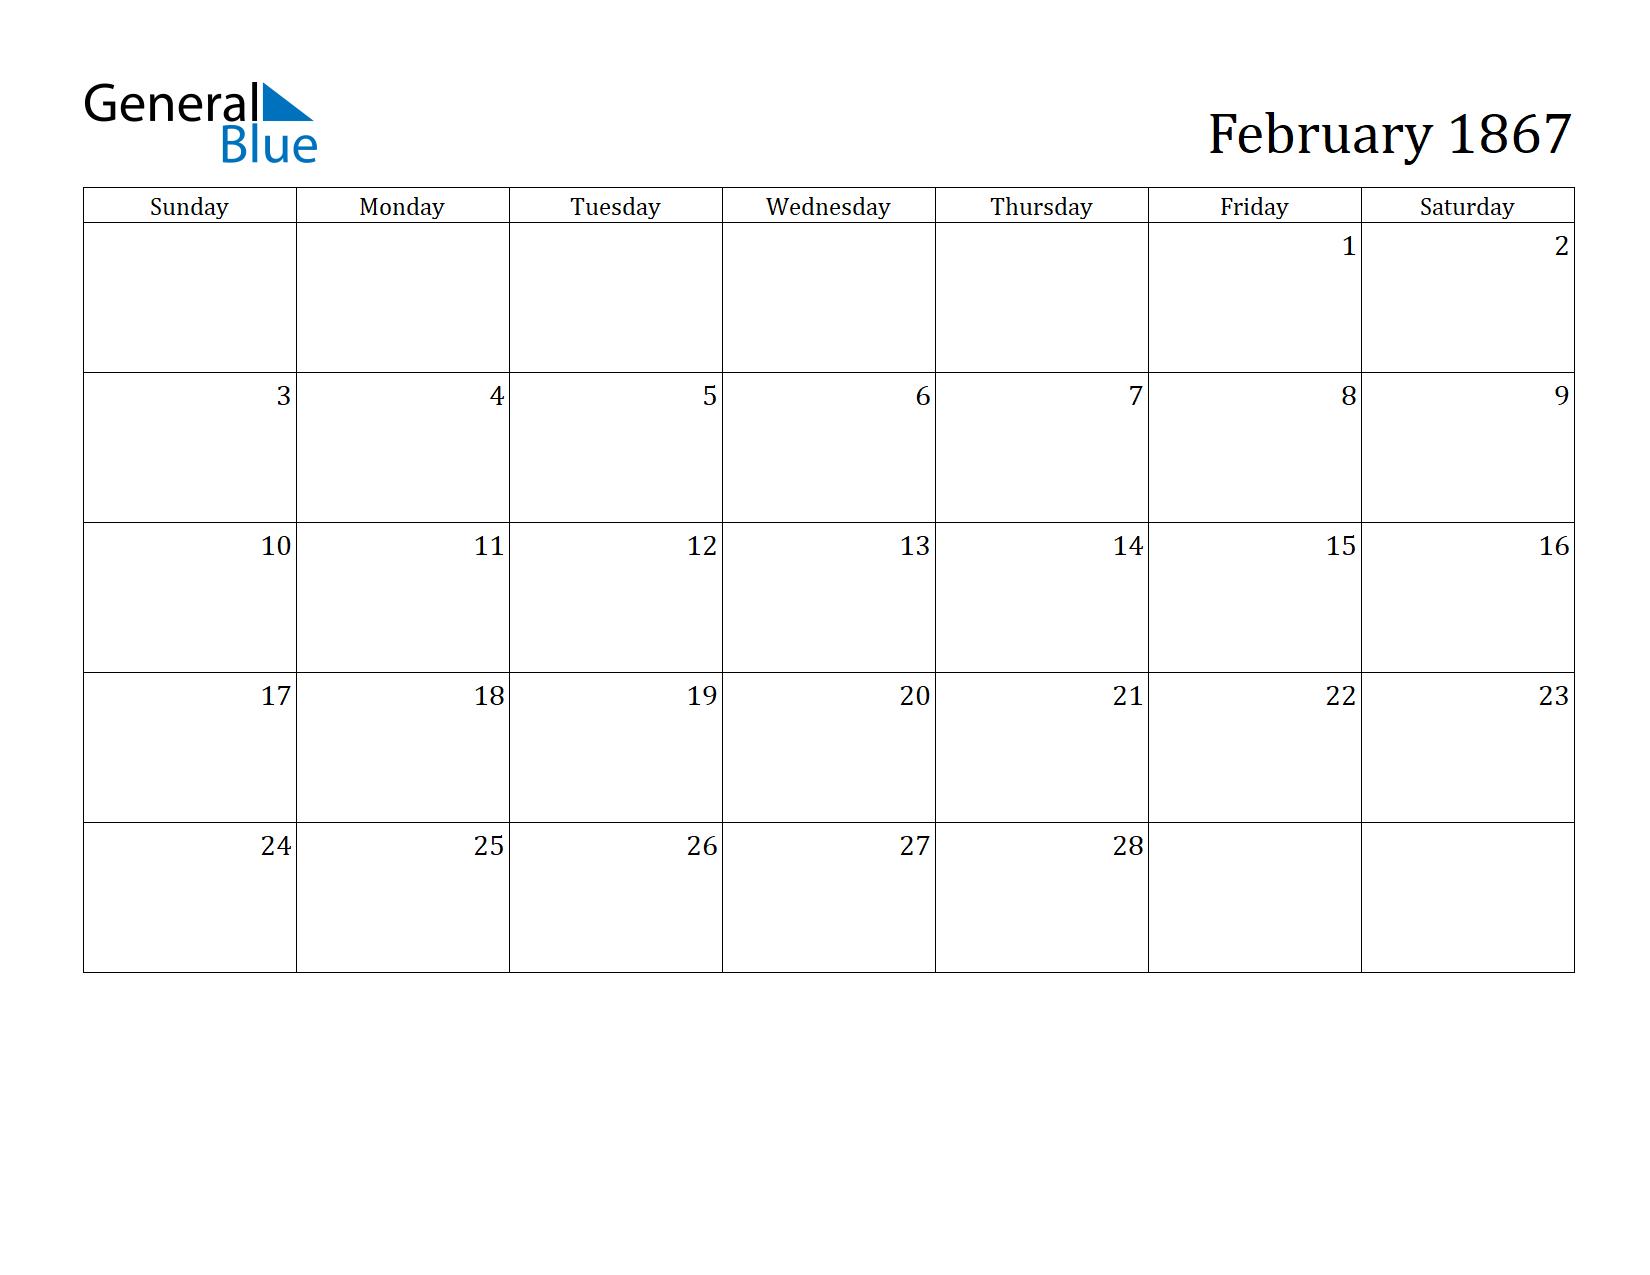 Image of February 1867 Calendar